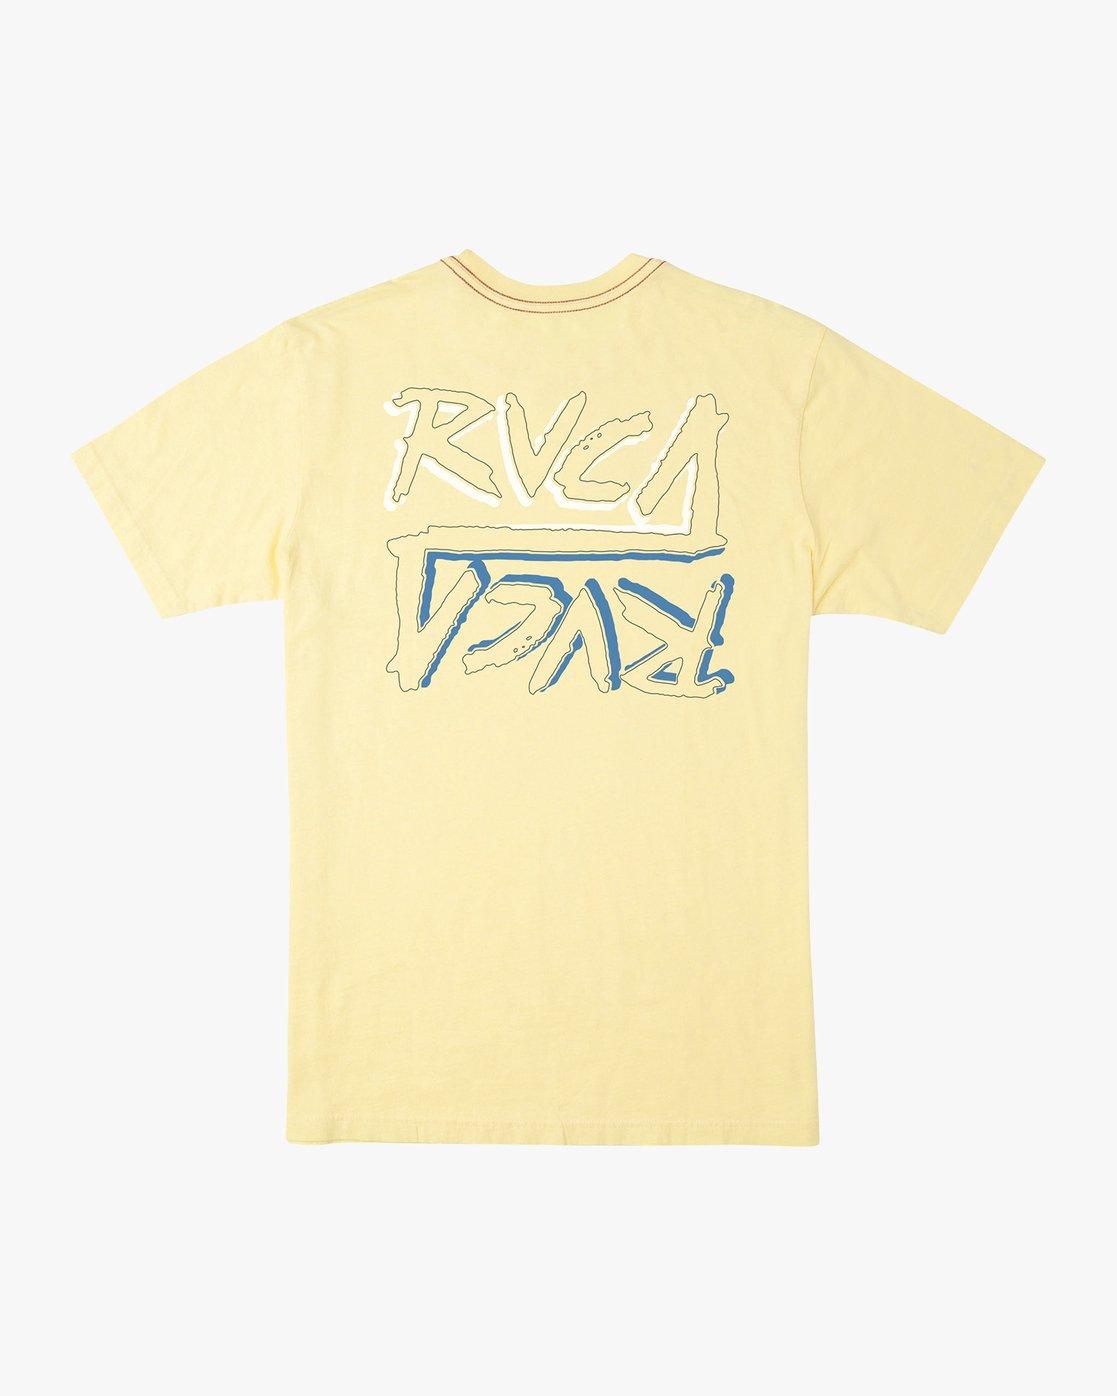 0 Offset T-Shirt Yellow M430UROF RVCA